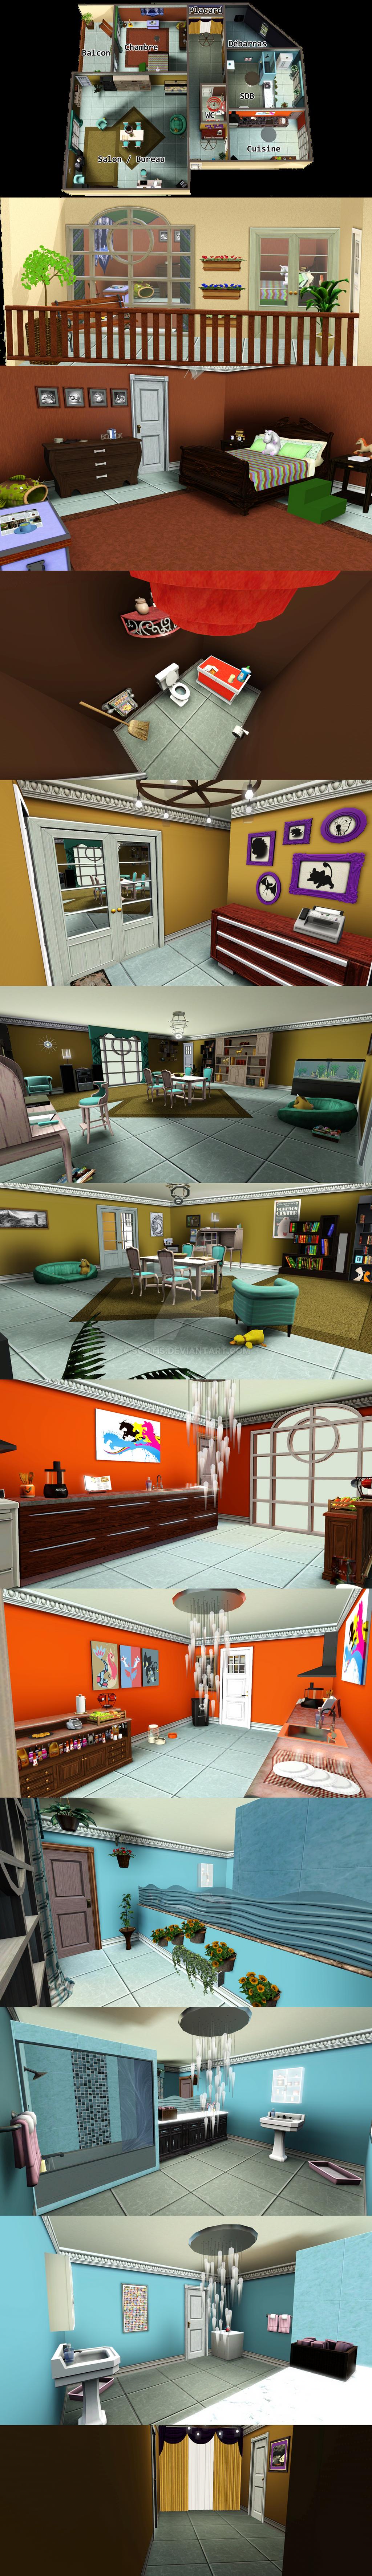 Appartement réalisée sur le jeu Sims 3